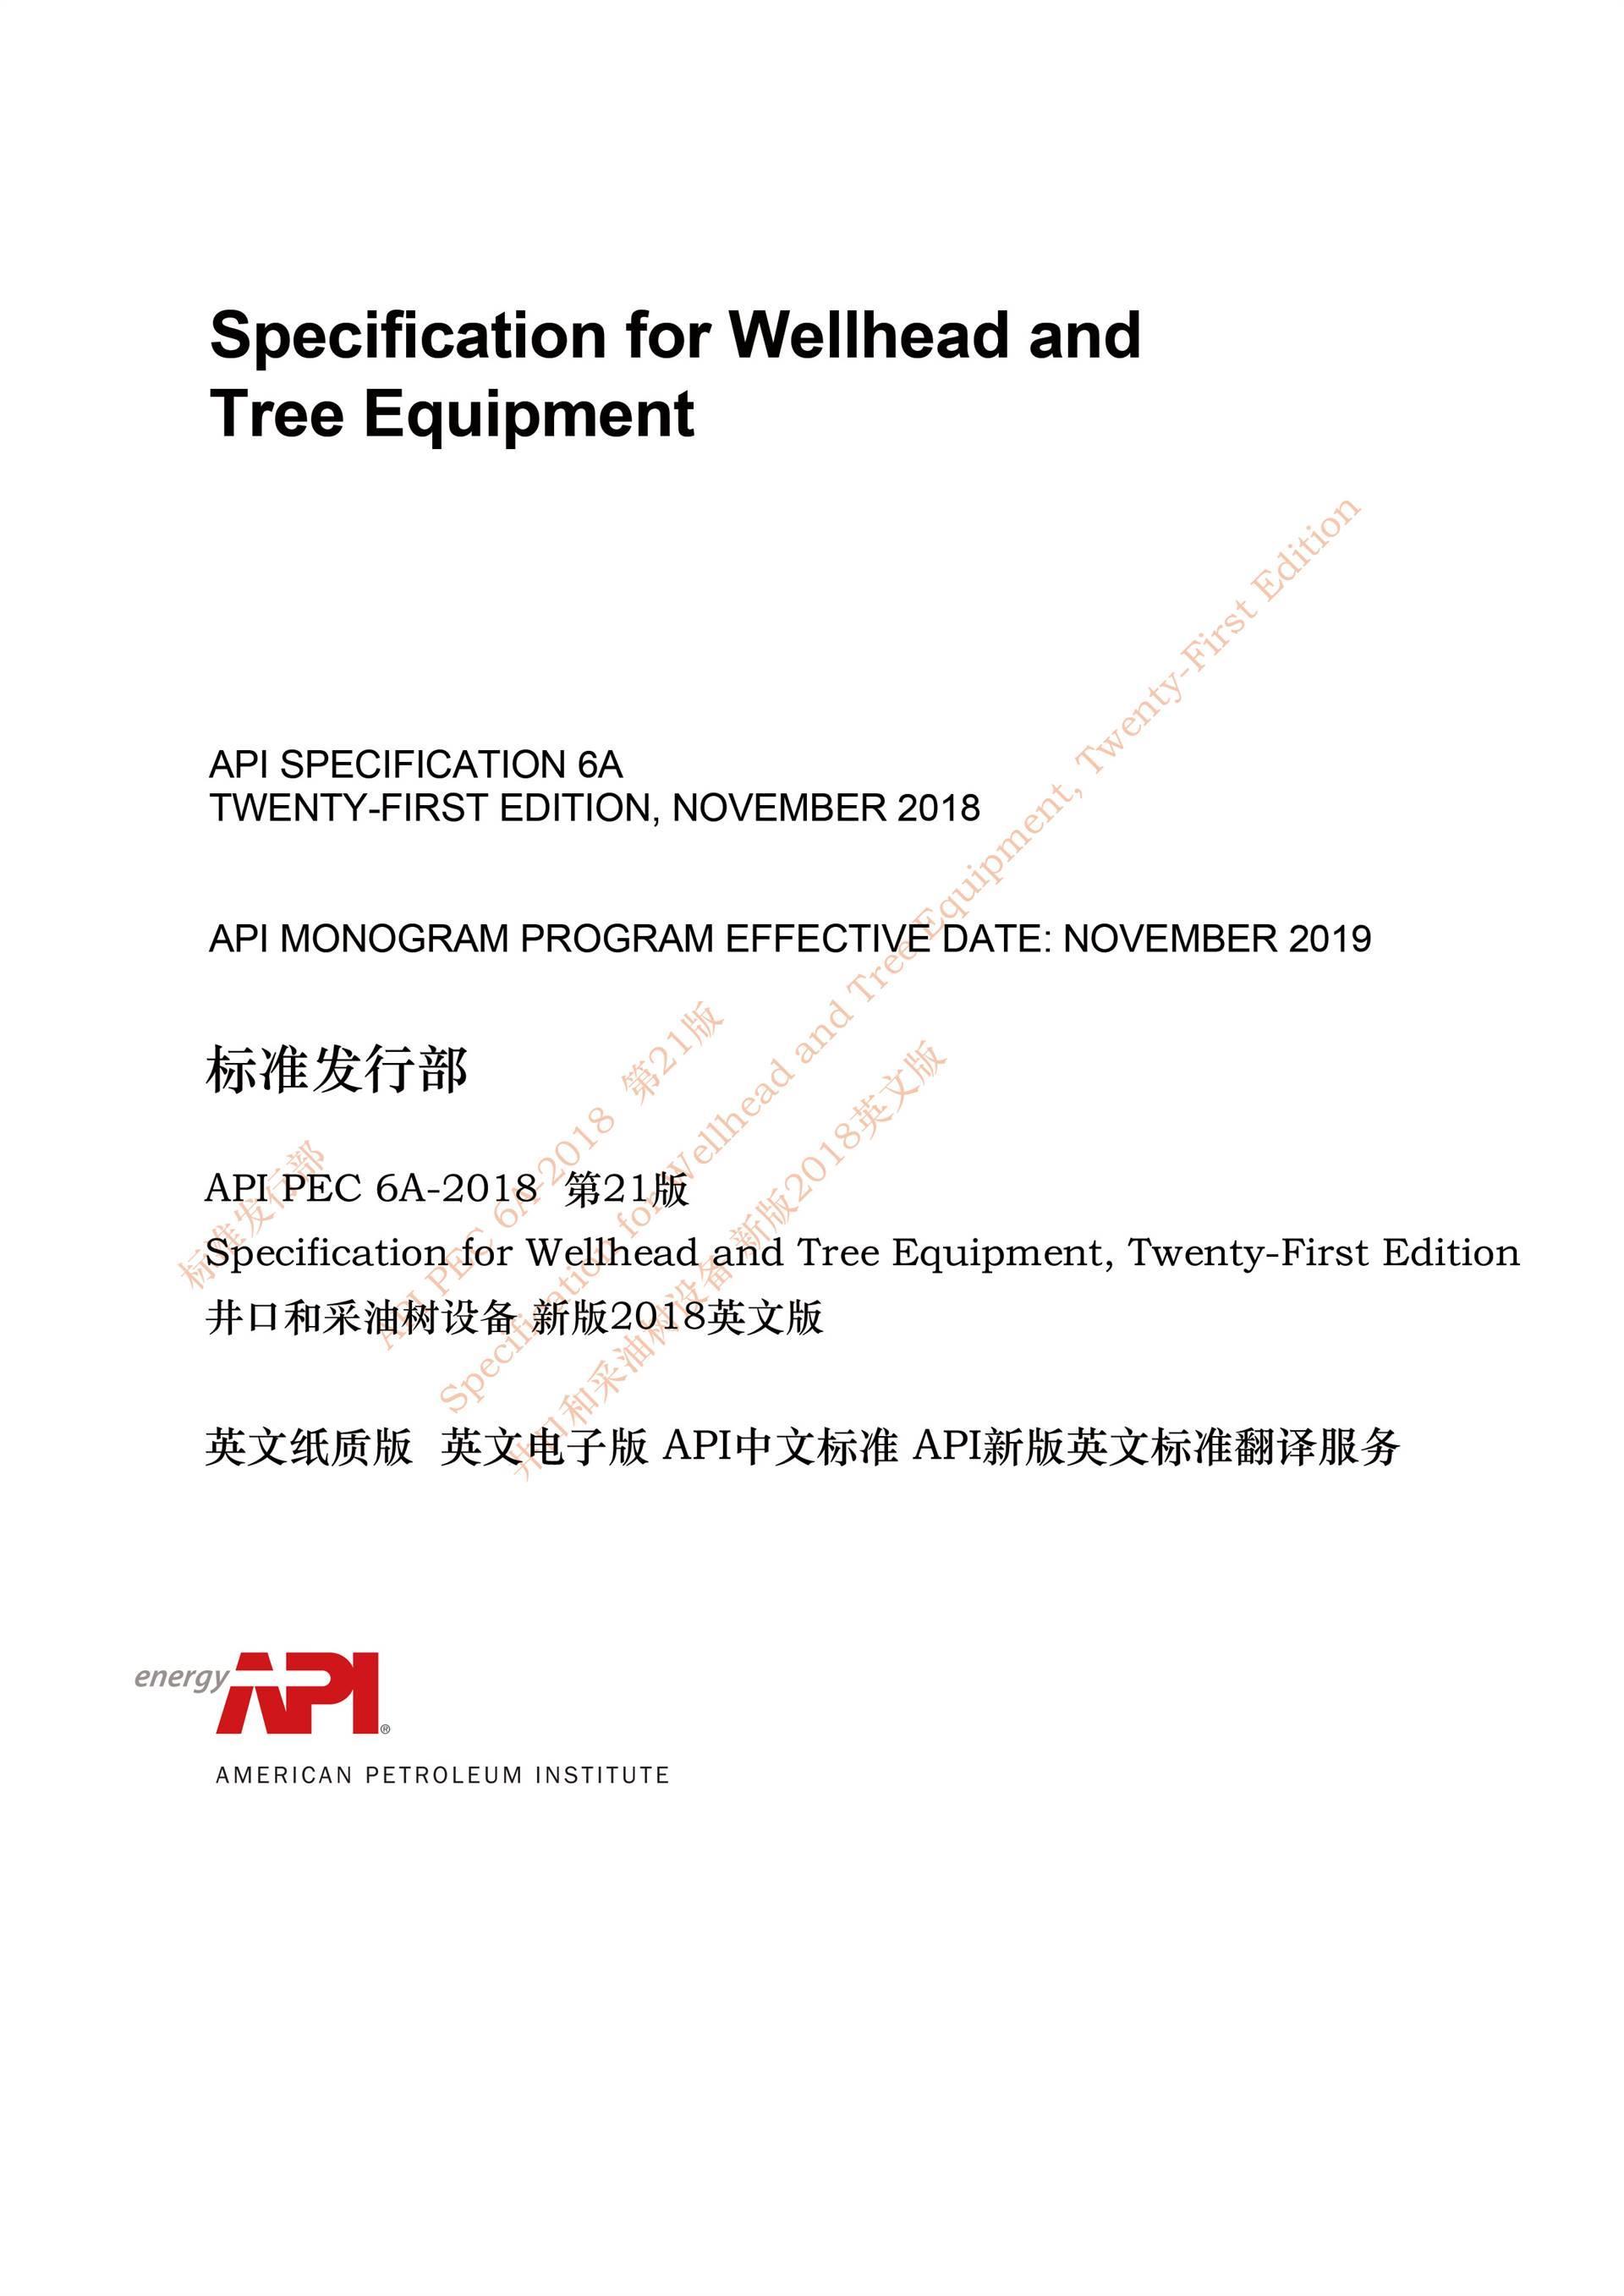 API SPEC 6A-2018井口和采油树设备第21版标准英文版